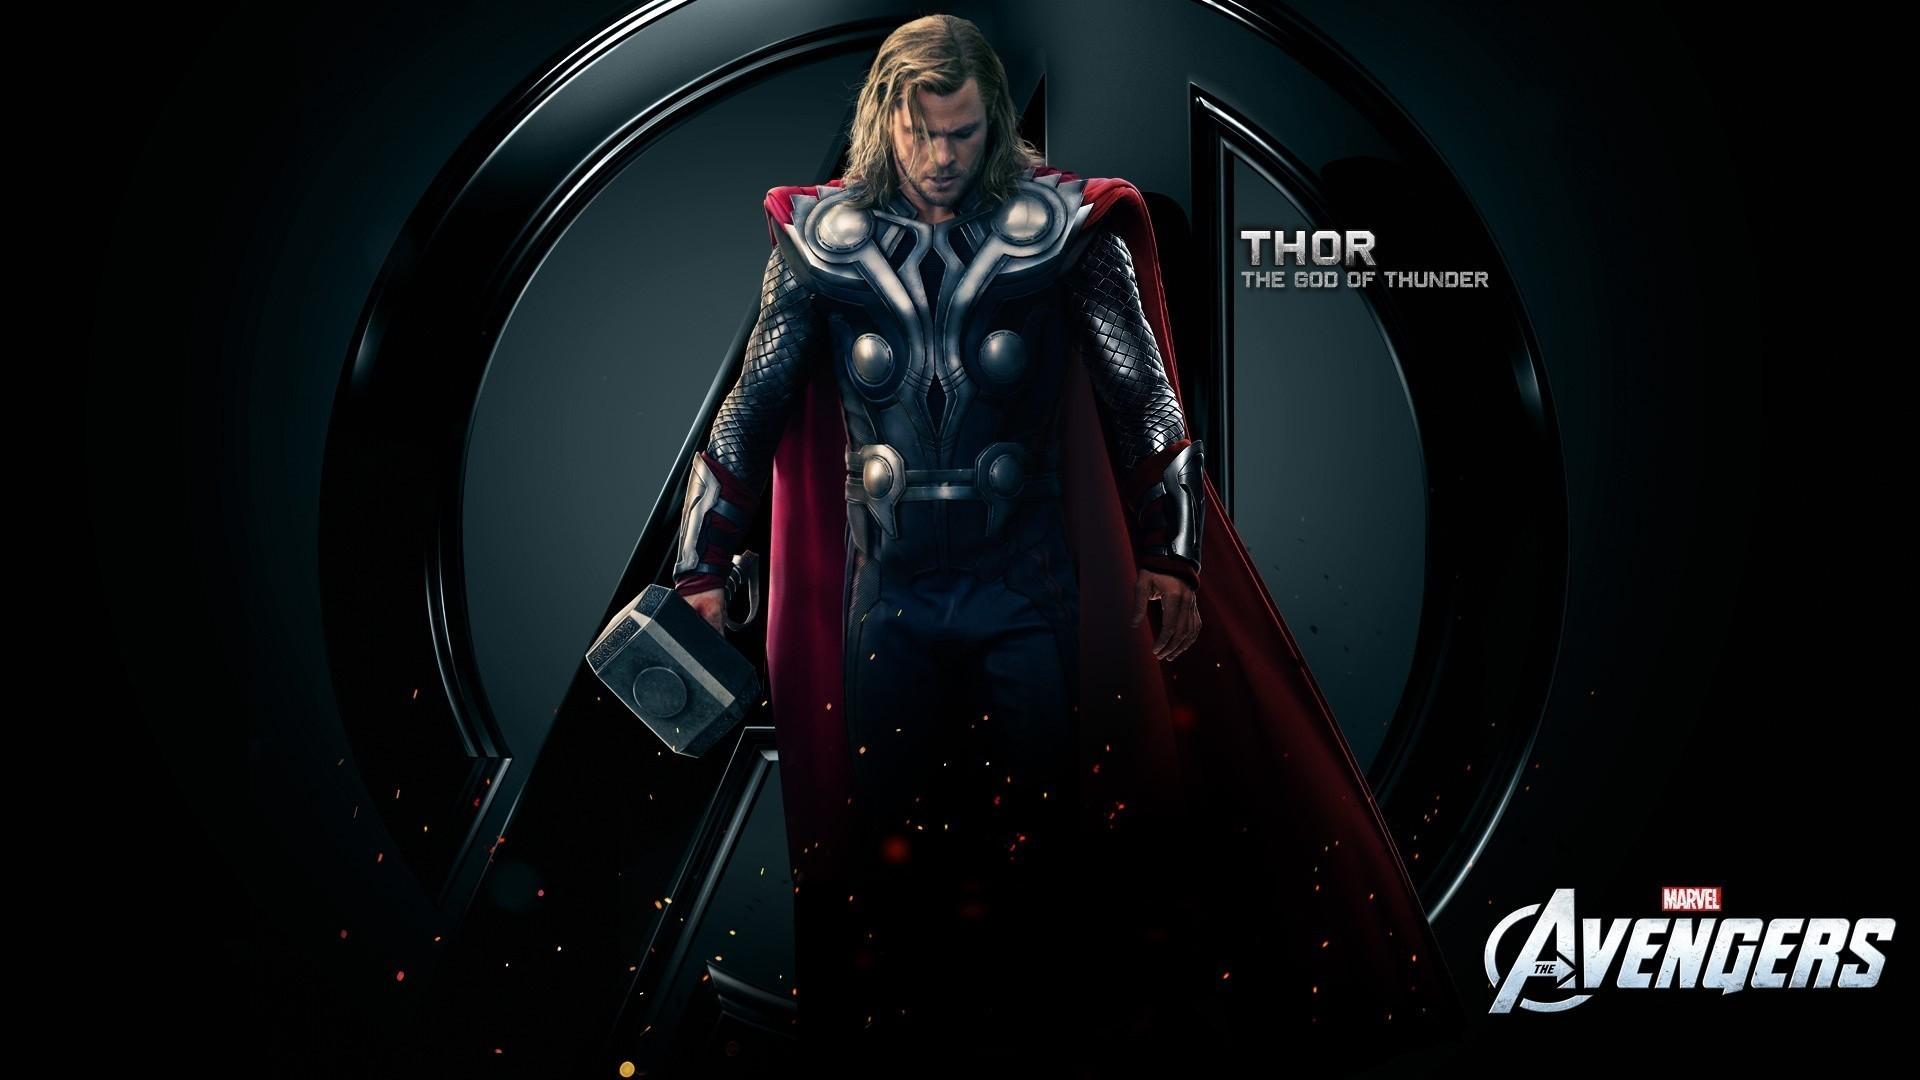 Res: 1920x1080, Chris Hemsworth Mjolnir The Avengers Film thor wallpaper